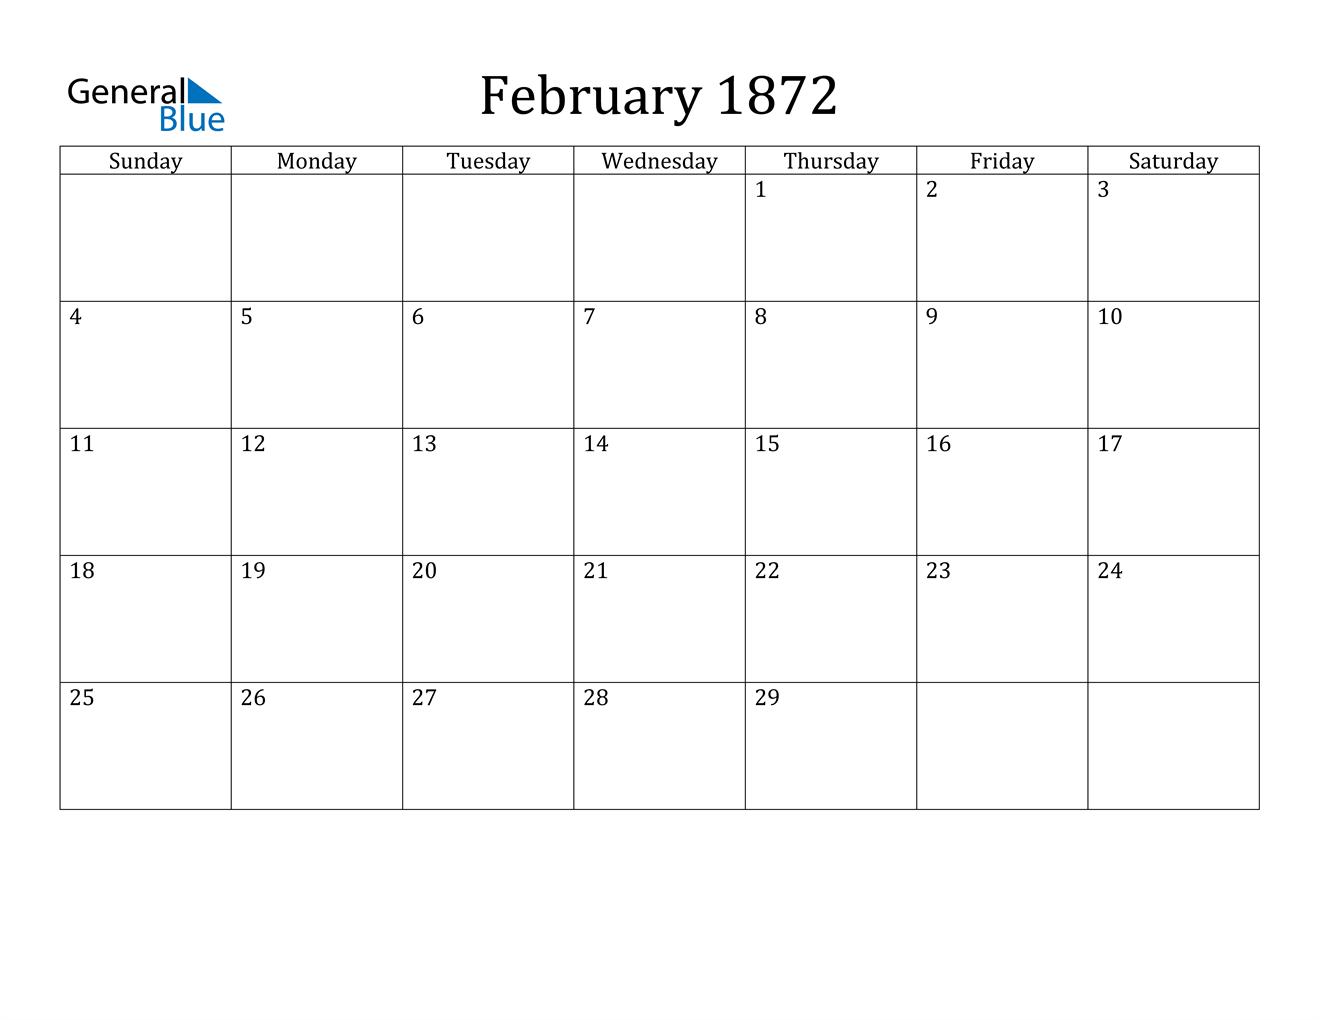 Image of February 1872 Calendar